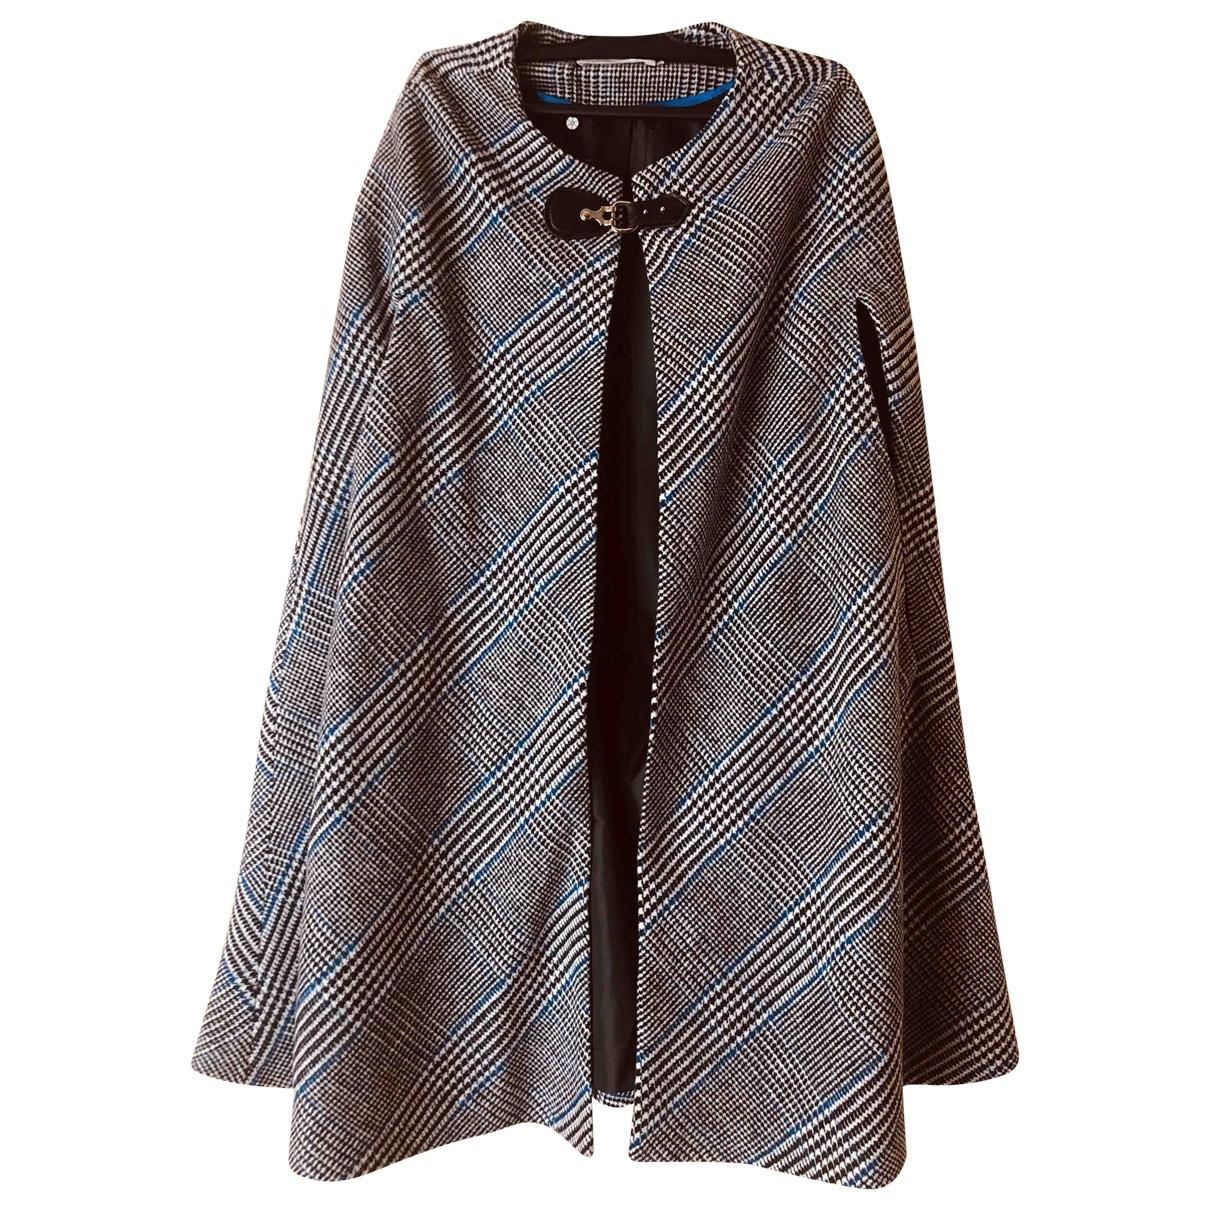 Ippocampo - Manteau   pour femme en laine - multicolore